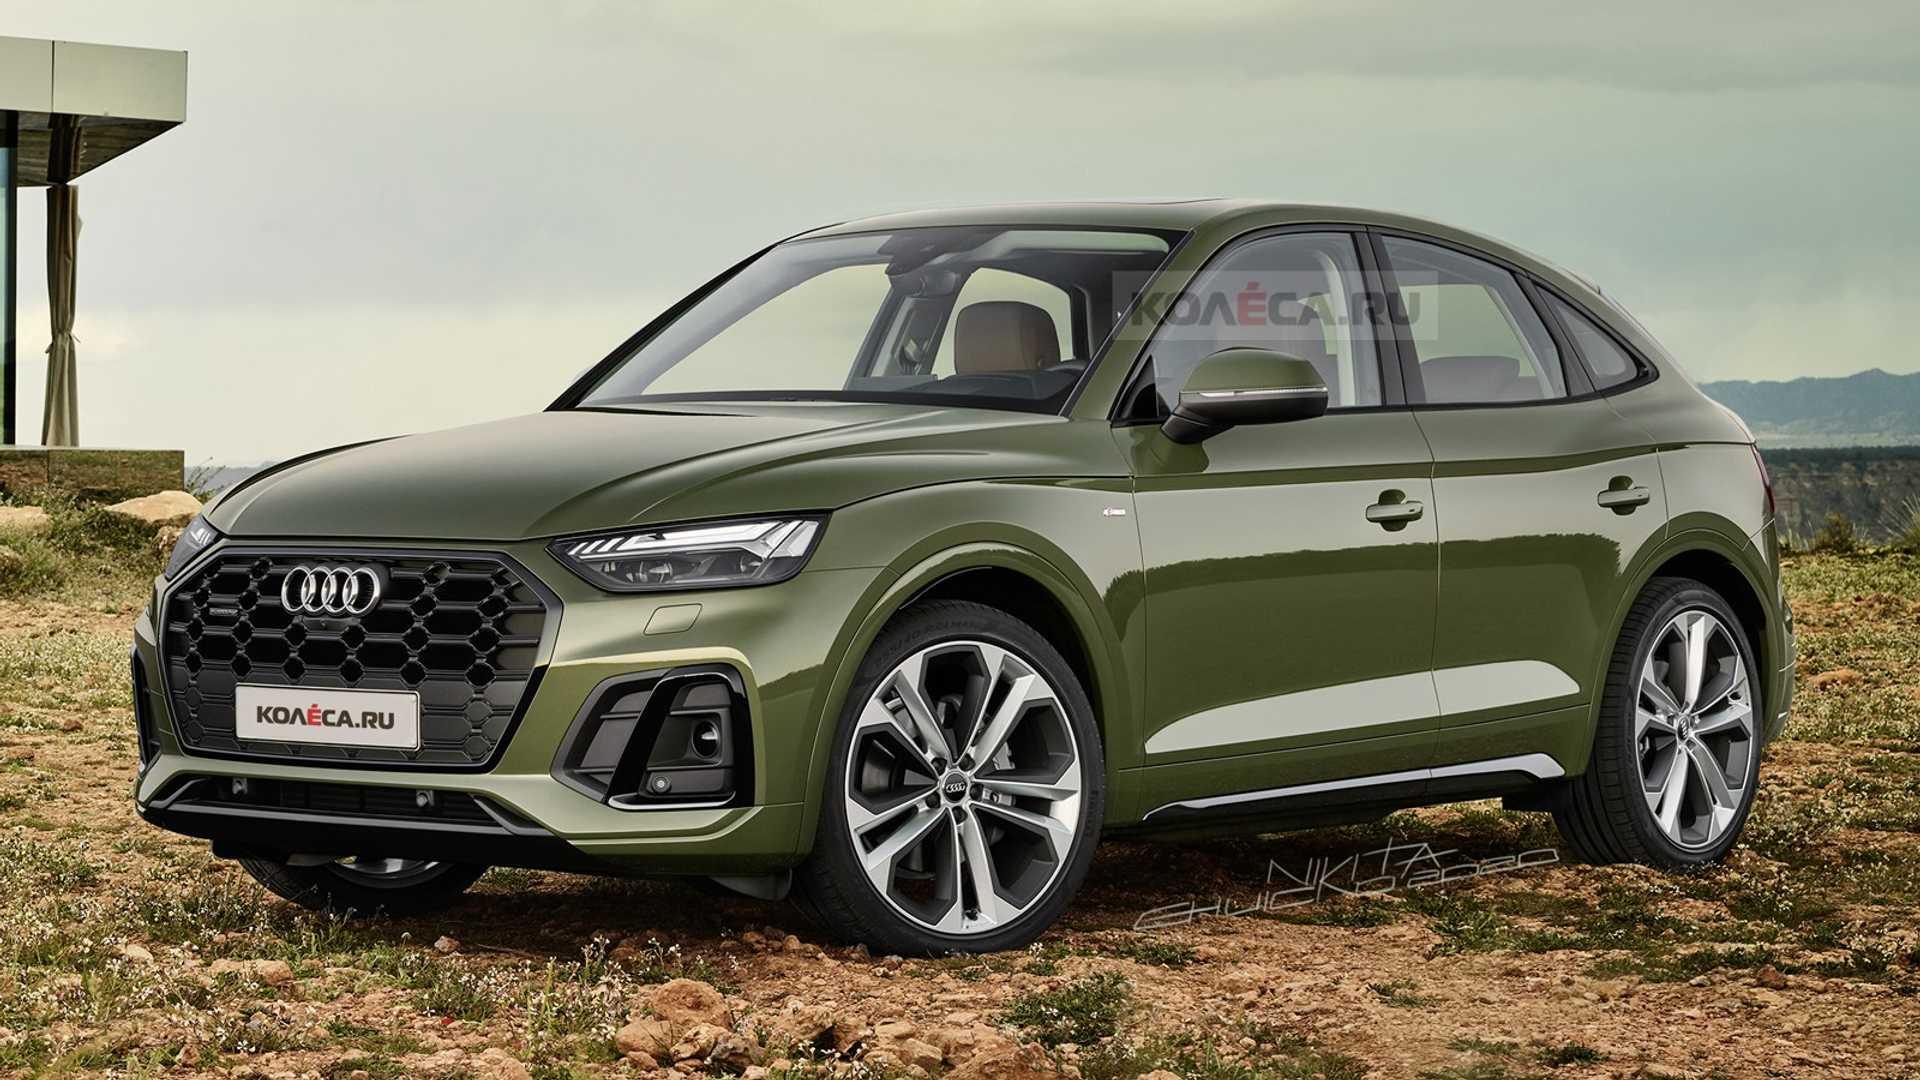 7款全球首发车型 奥迪2020北京车展阵容曝光